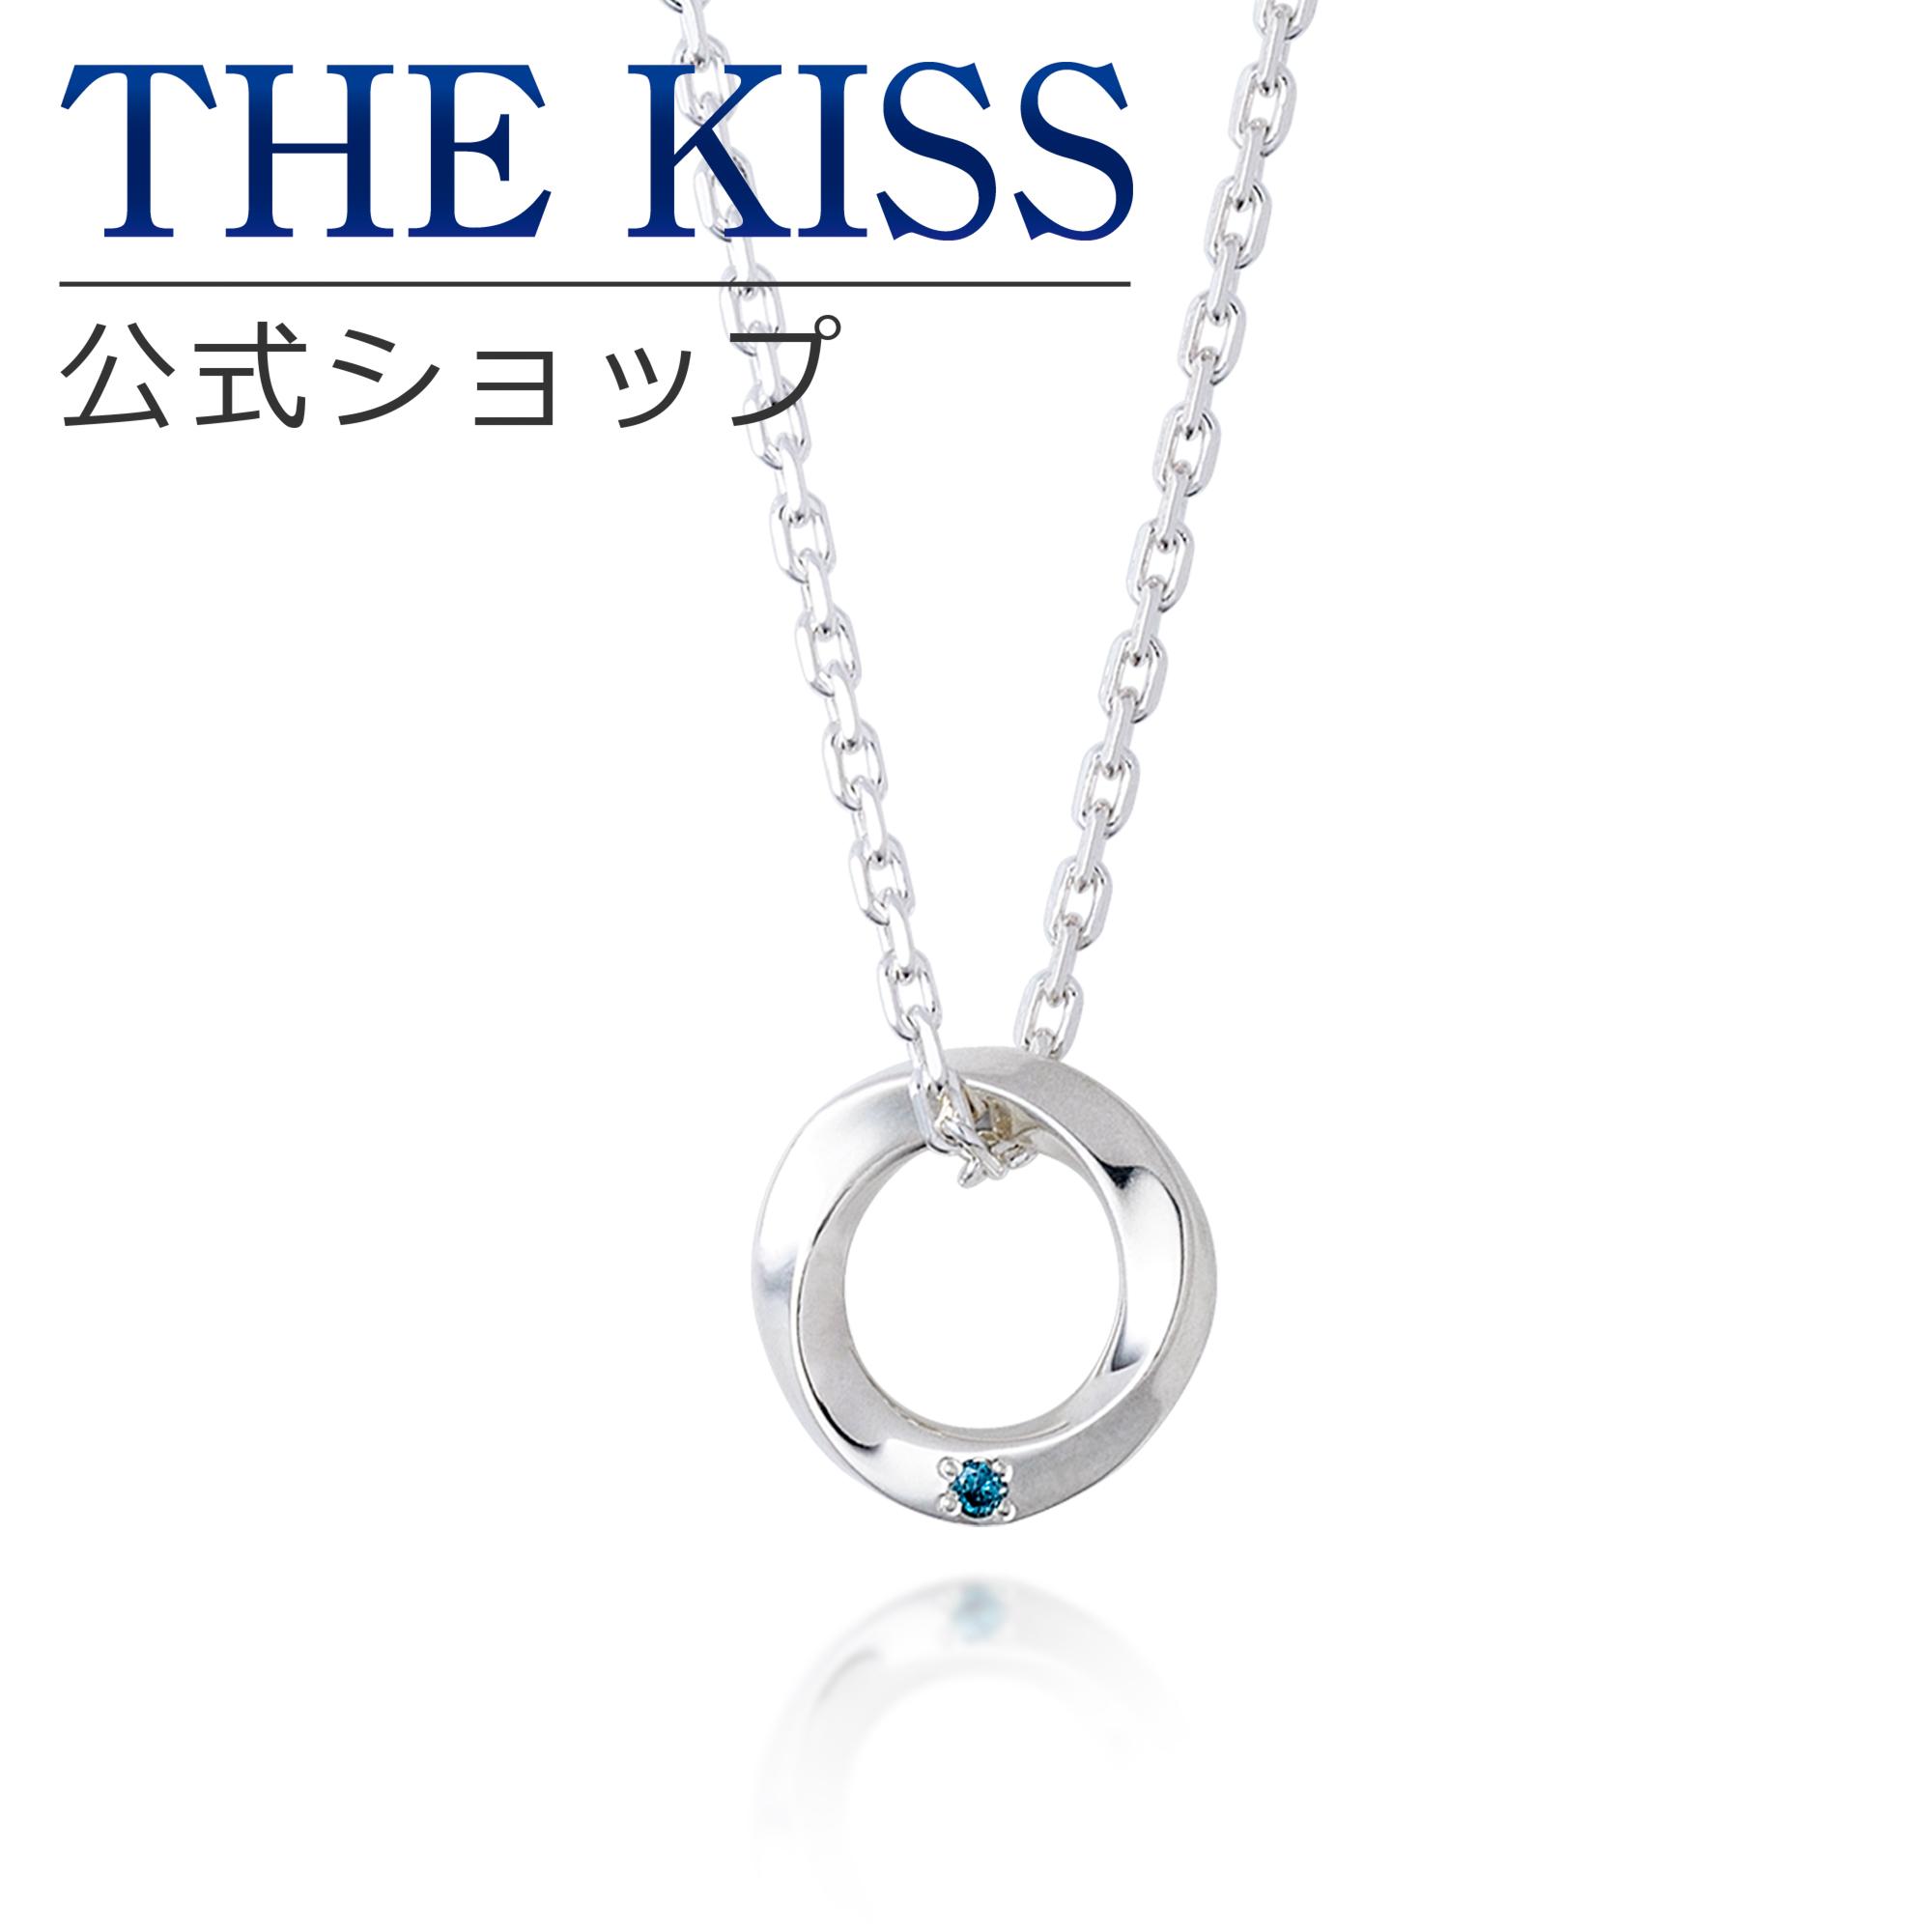 【あす楽対応】THE KISS 公式サイト シルバー ペアネックレス (メンズ 単品) ペアアクセサリー カップル に 人気 の ジュエリーブランド THEKISS ペア ネックレス・ペンダント 記念日 プレゼント SPD351BDM ザキス 【送料無料】